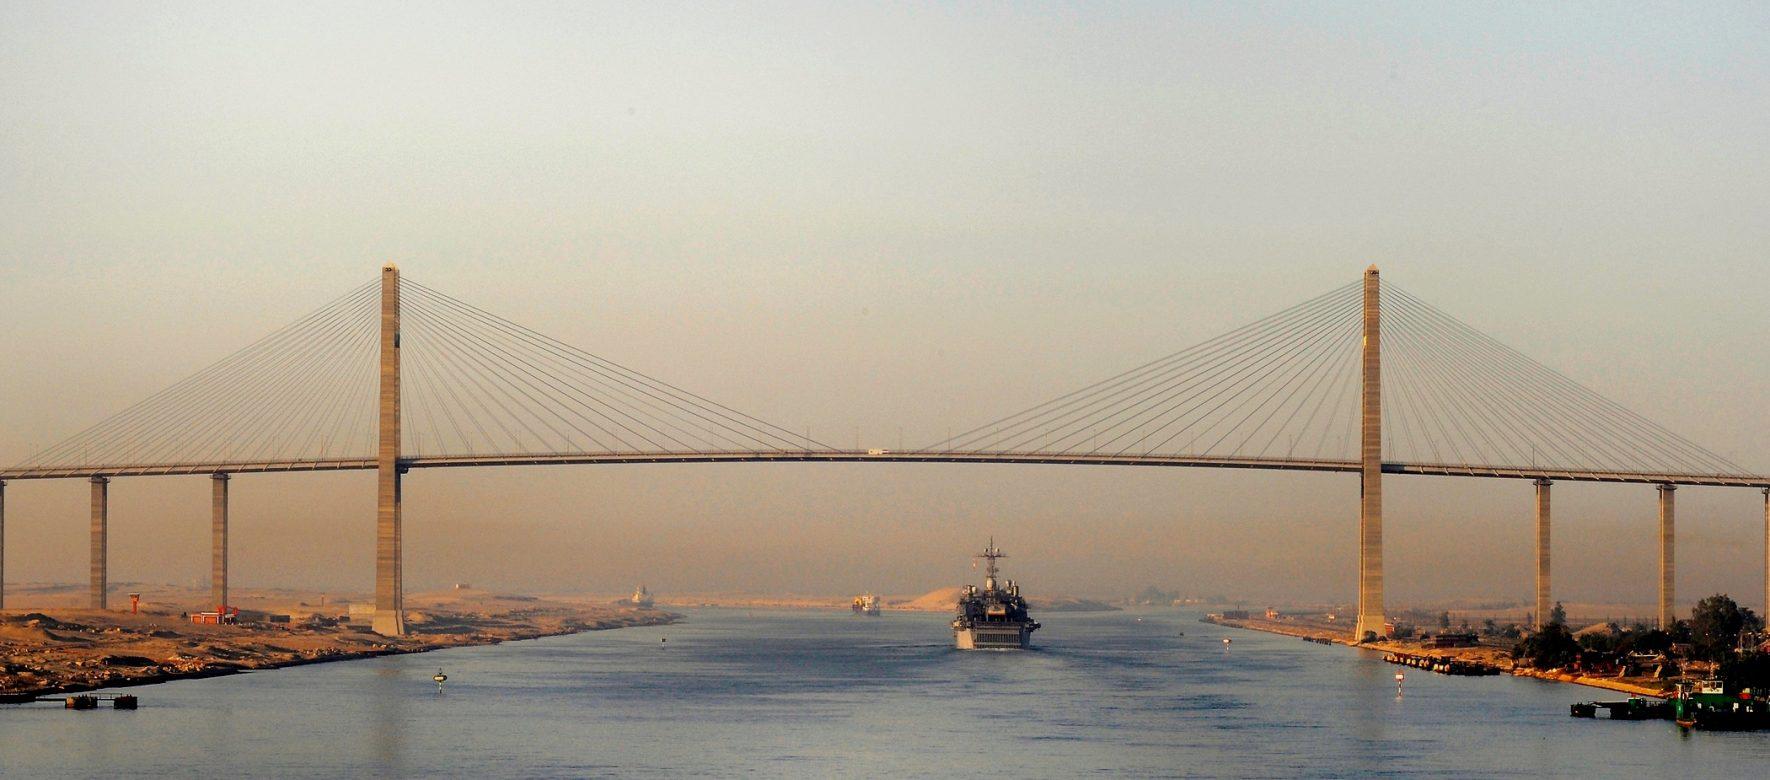 Égypte : Le canal de Suez, écologiquement viable ?